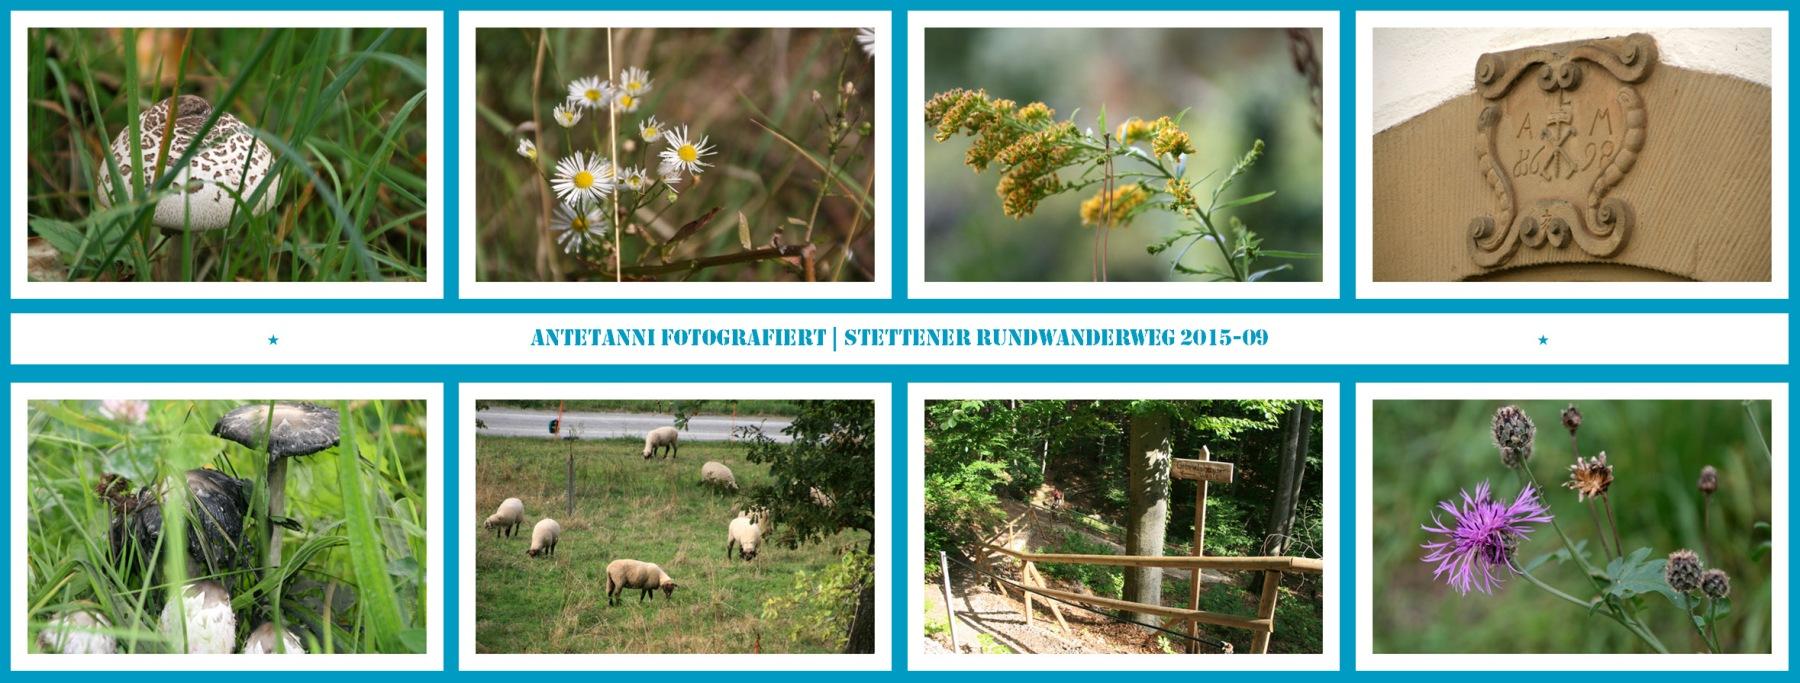 antetanni-fotografiert_Stettener-Rundwanderweg_2015-09_3